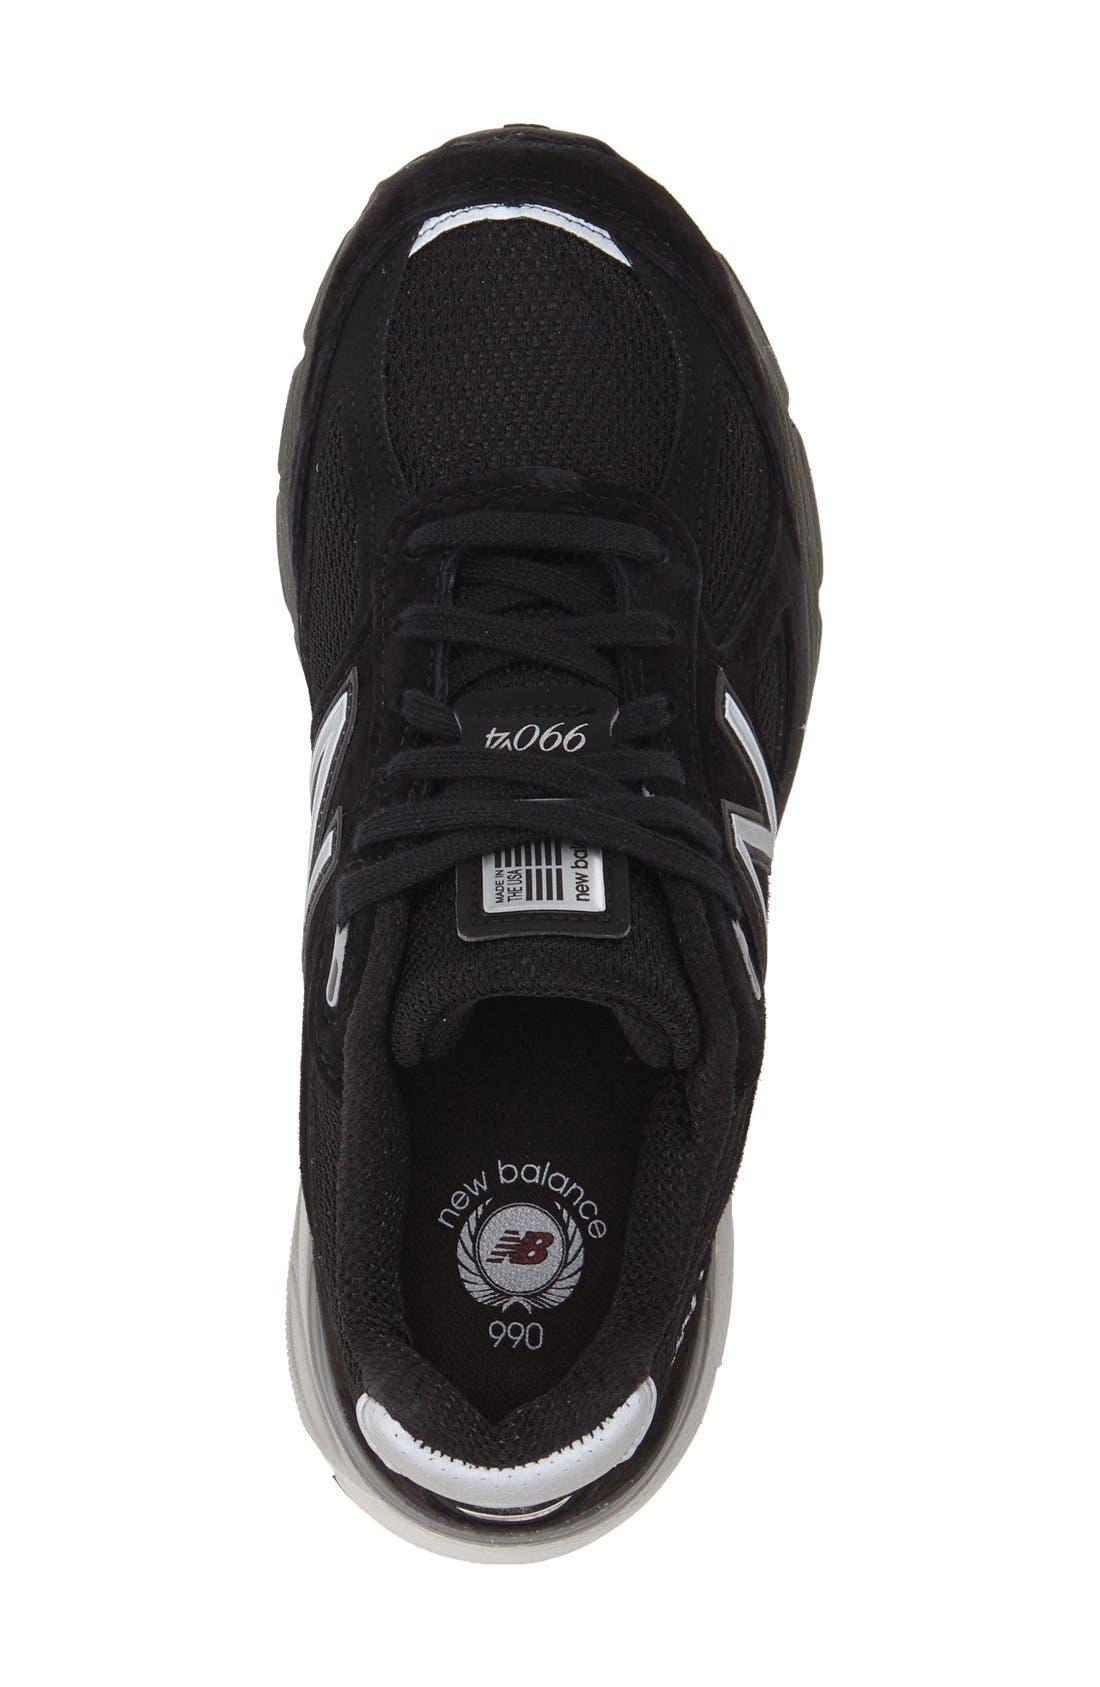 Alternate Image 3  - New Balance '990 Premium' Running Shoe (Women)